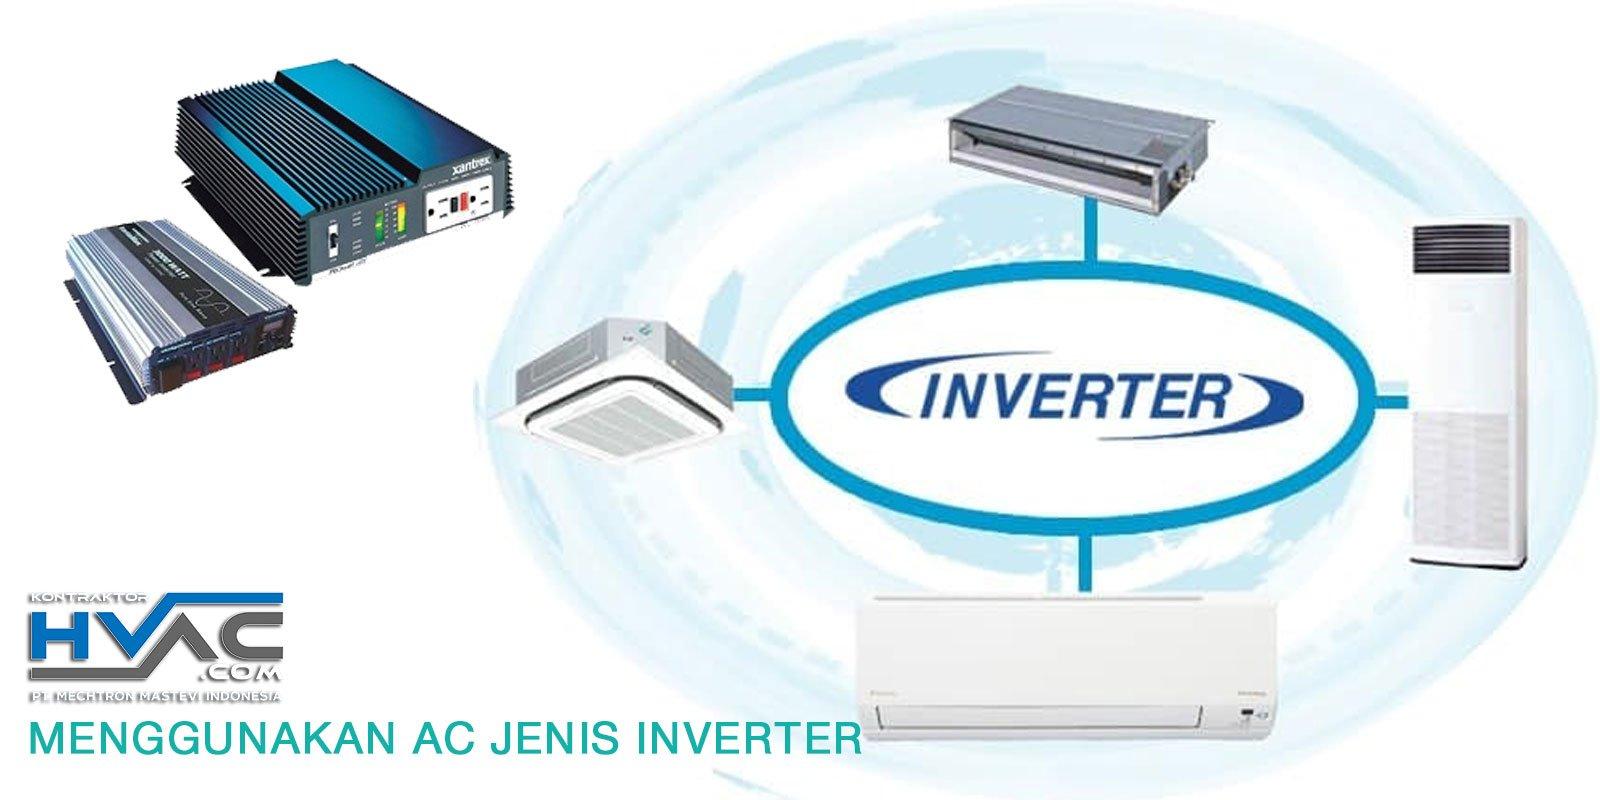 Menggunakan AC Jenis Inverter